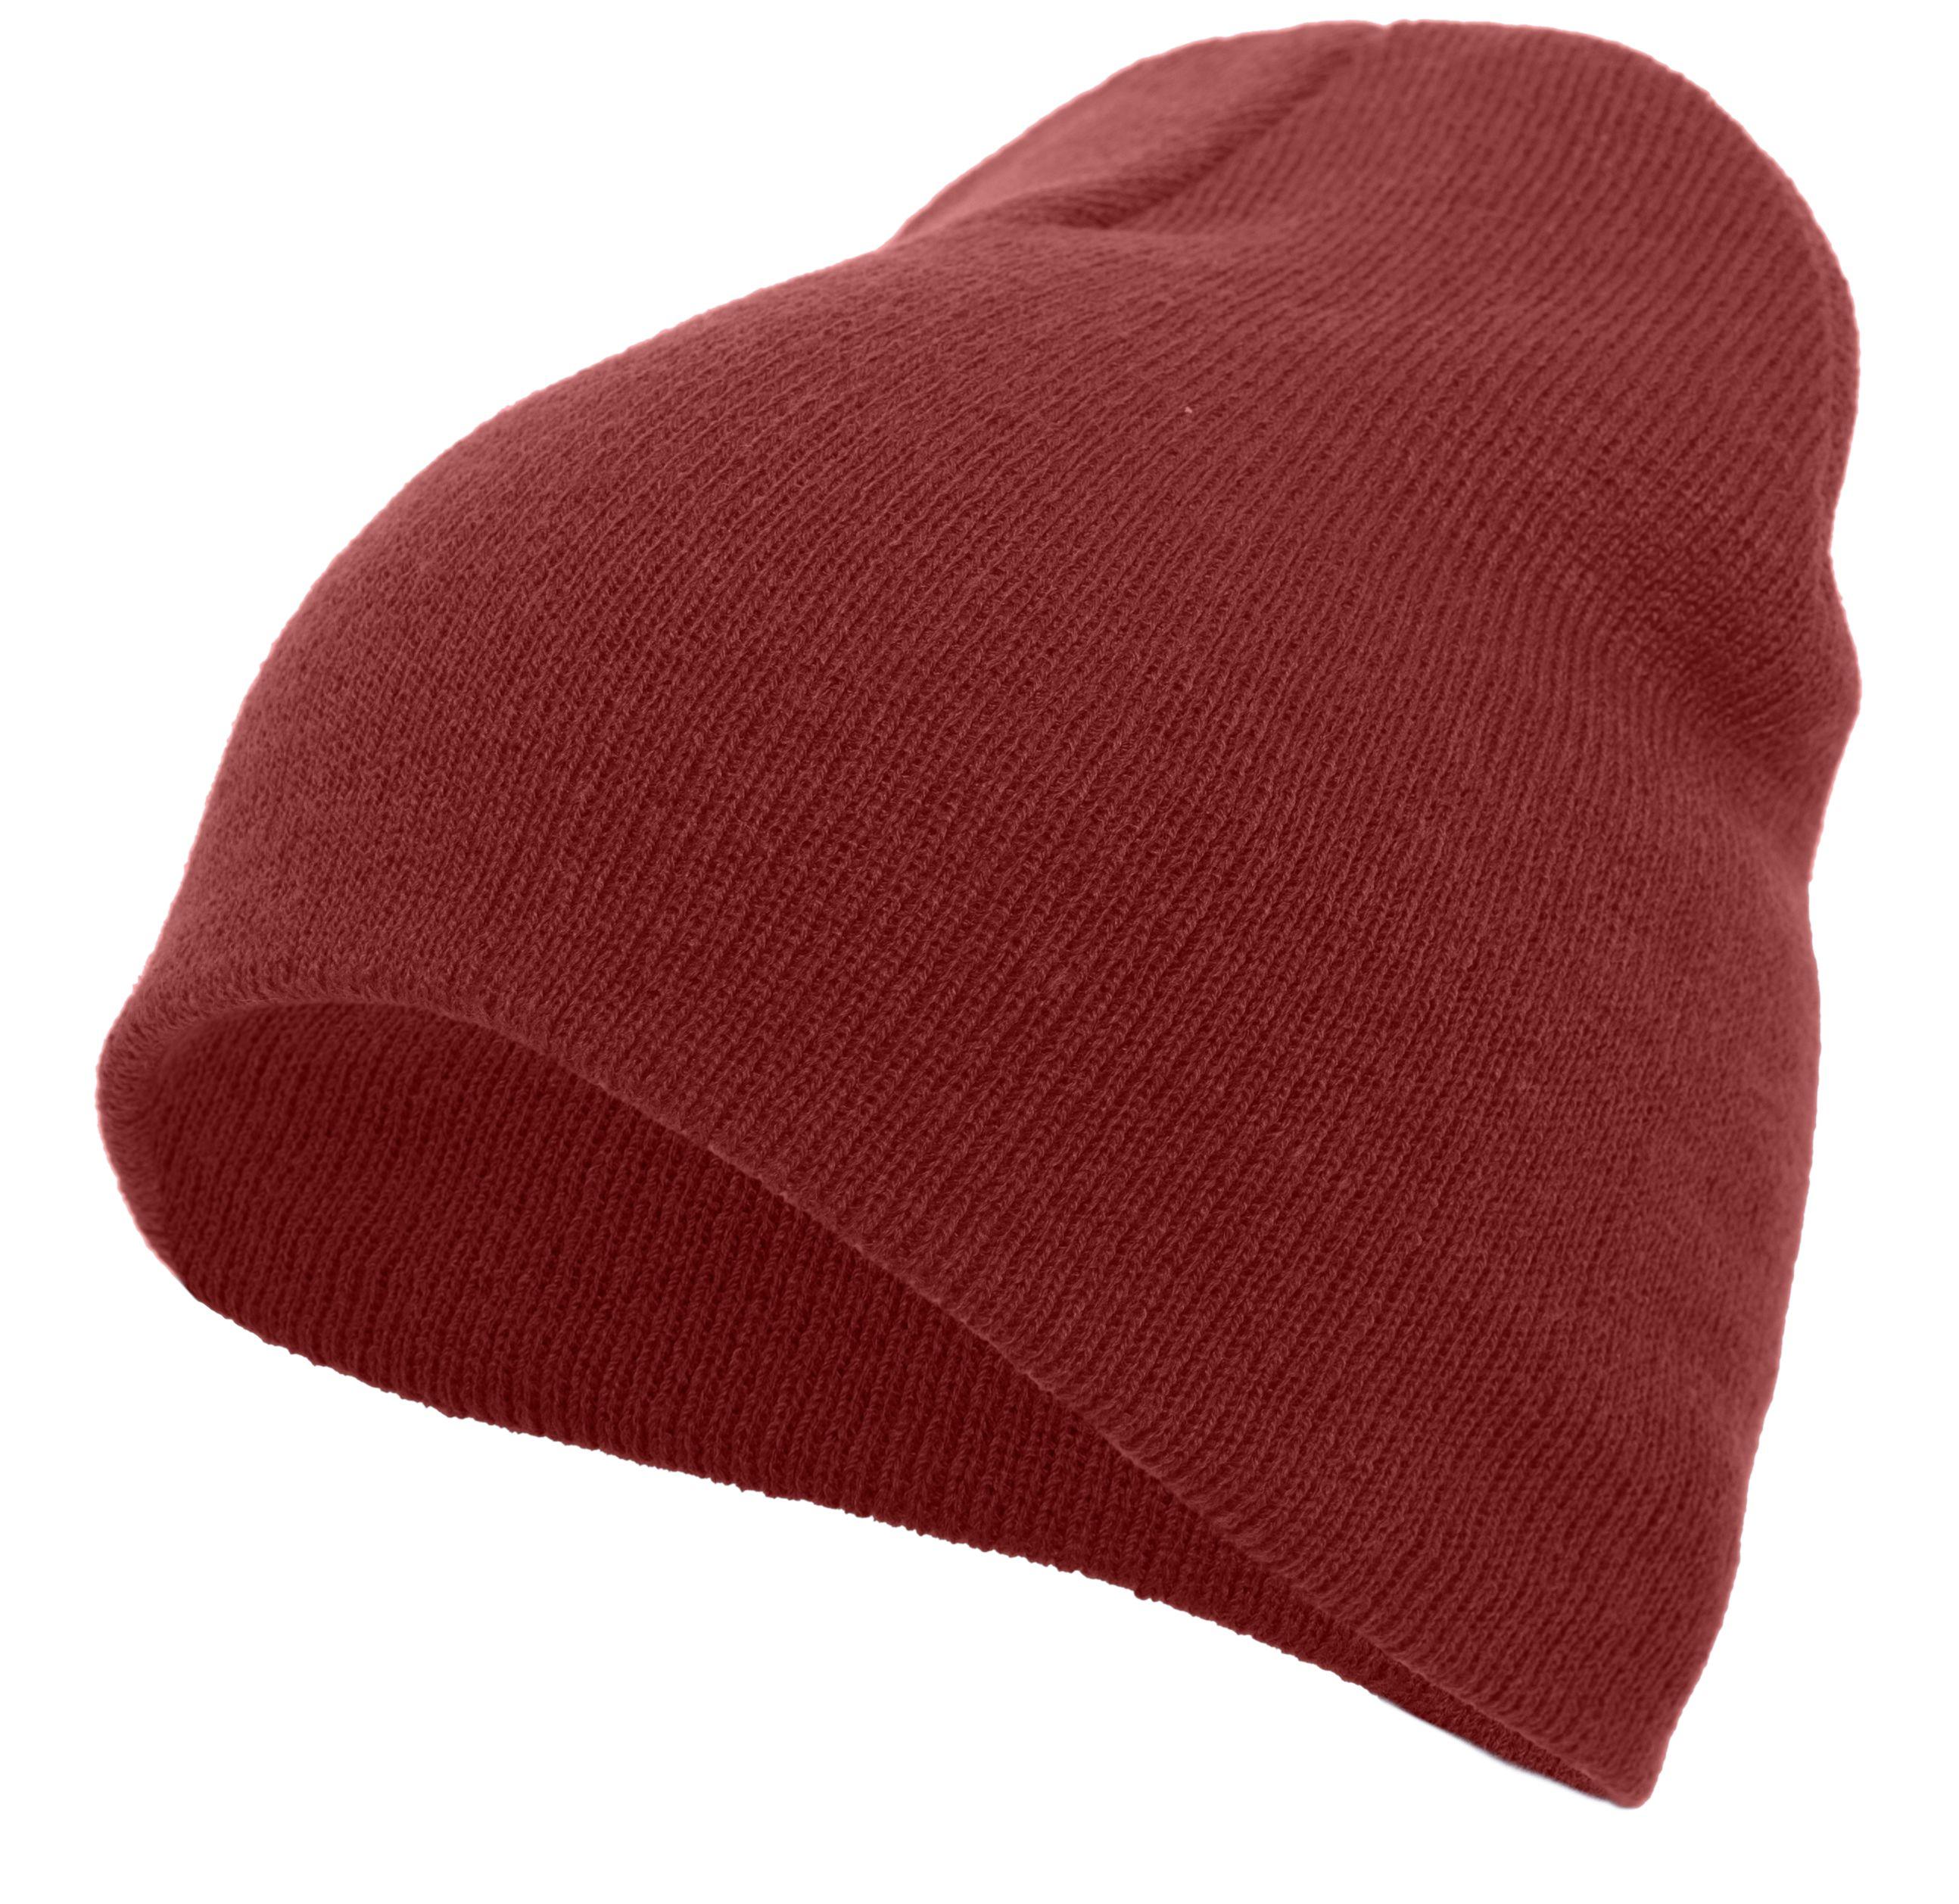 Basic Knit Beanie - CARDINAL